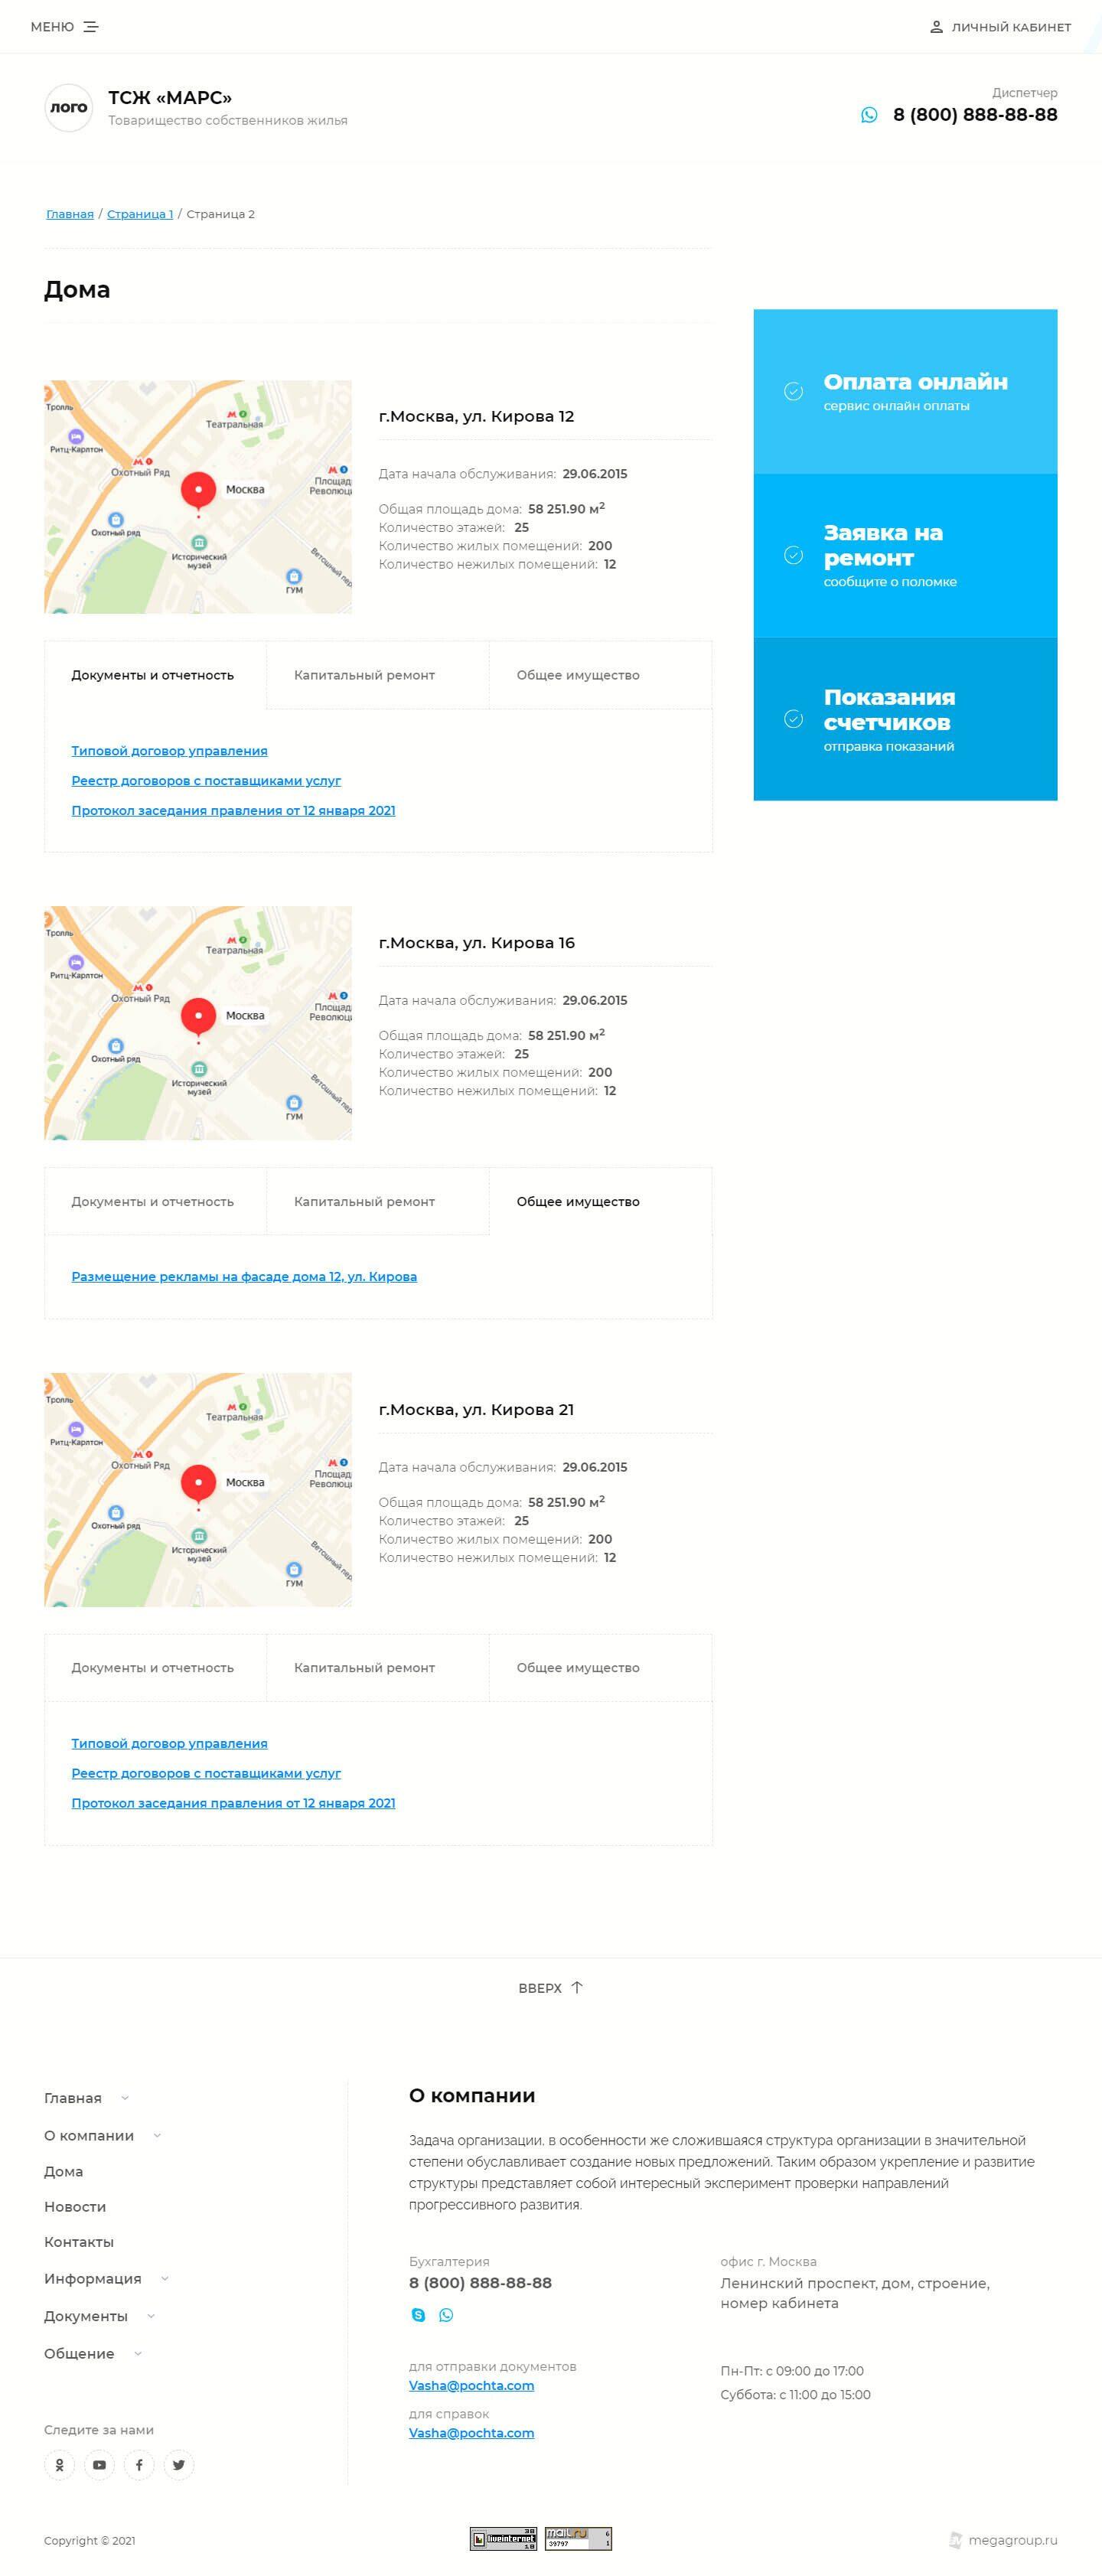 Готовый Сайт-Бизнес #2956977 - Товарищество собственников жилья (ТСЖ) (Дома)